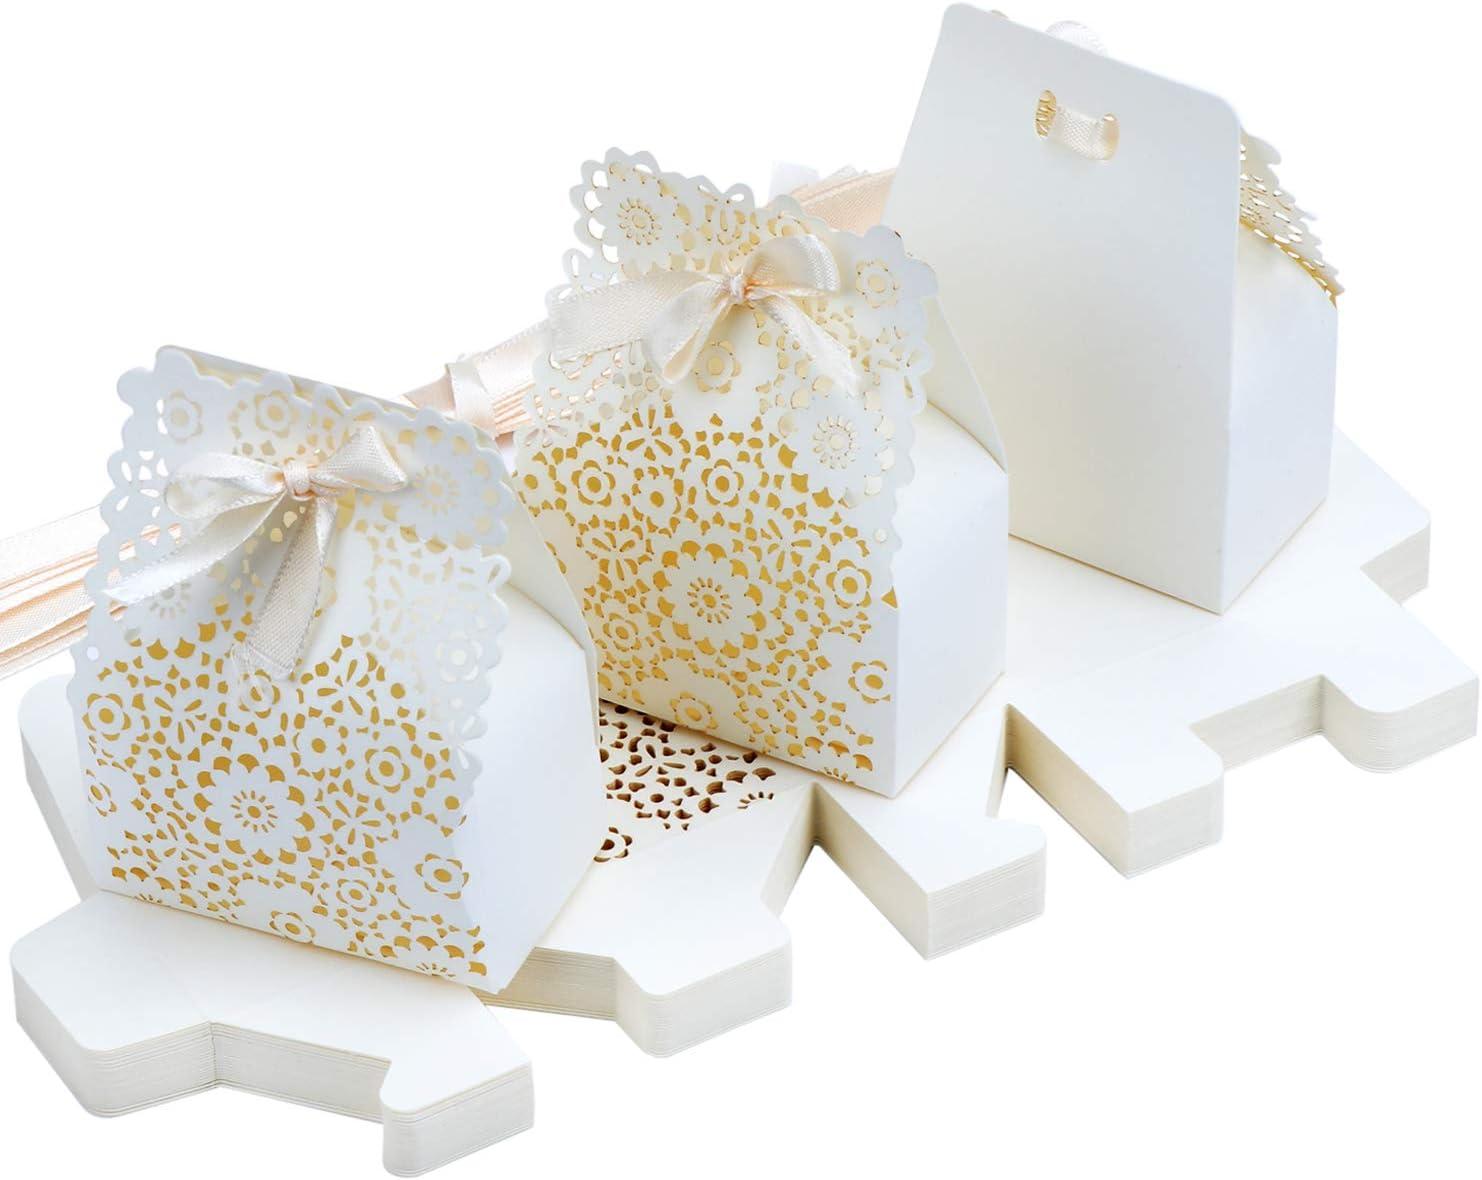 TsunNee Hohle Papier Süßigkeiten Box, Blumen Muster,  Hochzeits Gastgeschenk Boxen, DIY Party Geschenk Box, kreative  Papier Leckerli Boxen, 10 Stück